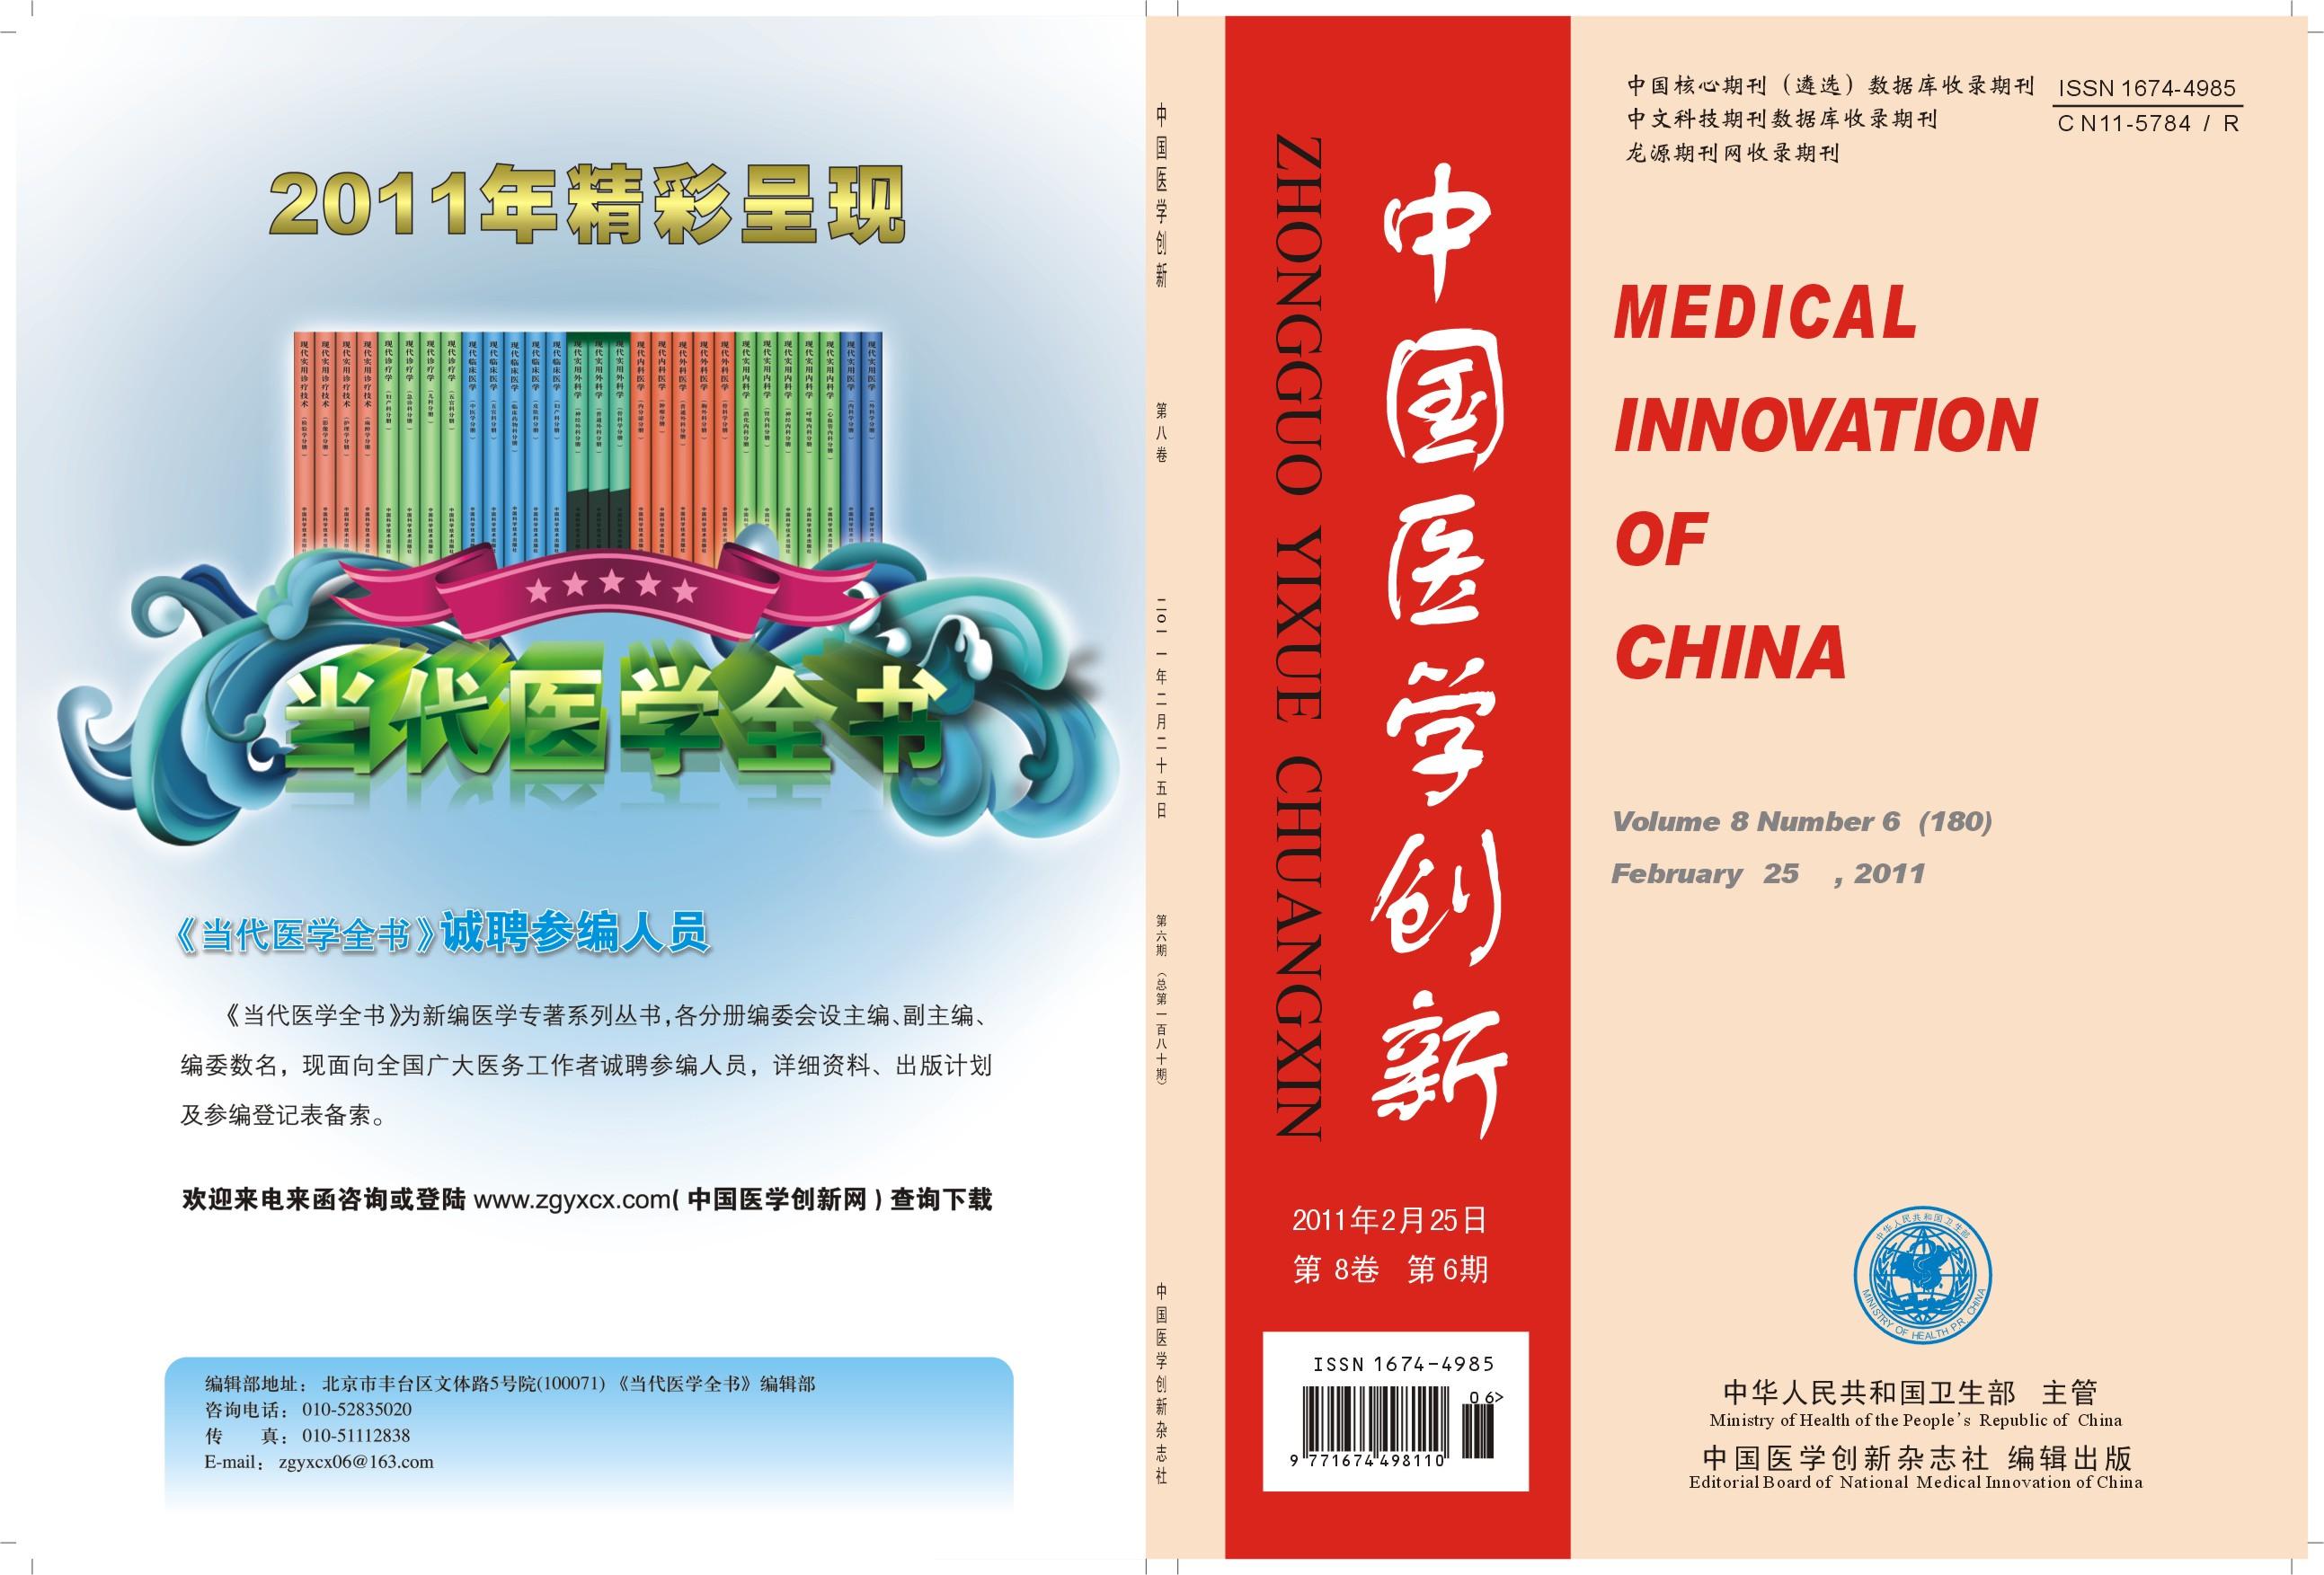 《中国医学创新》杂志 医学学术论文发表